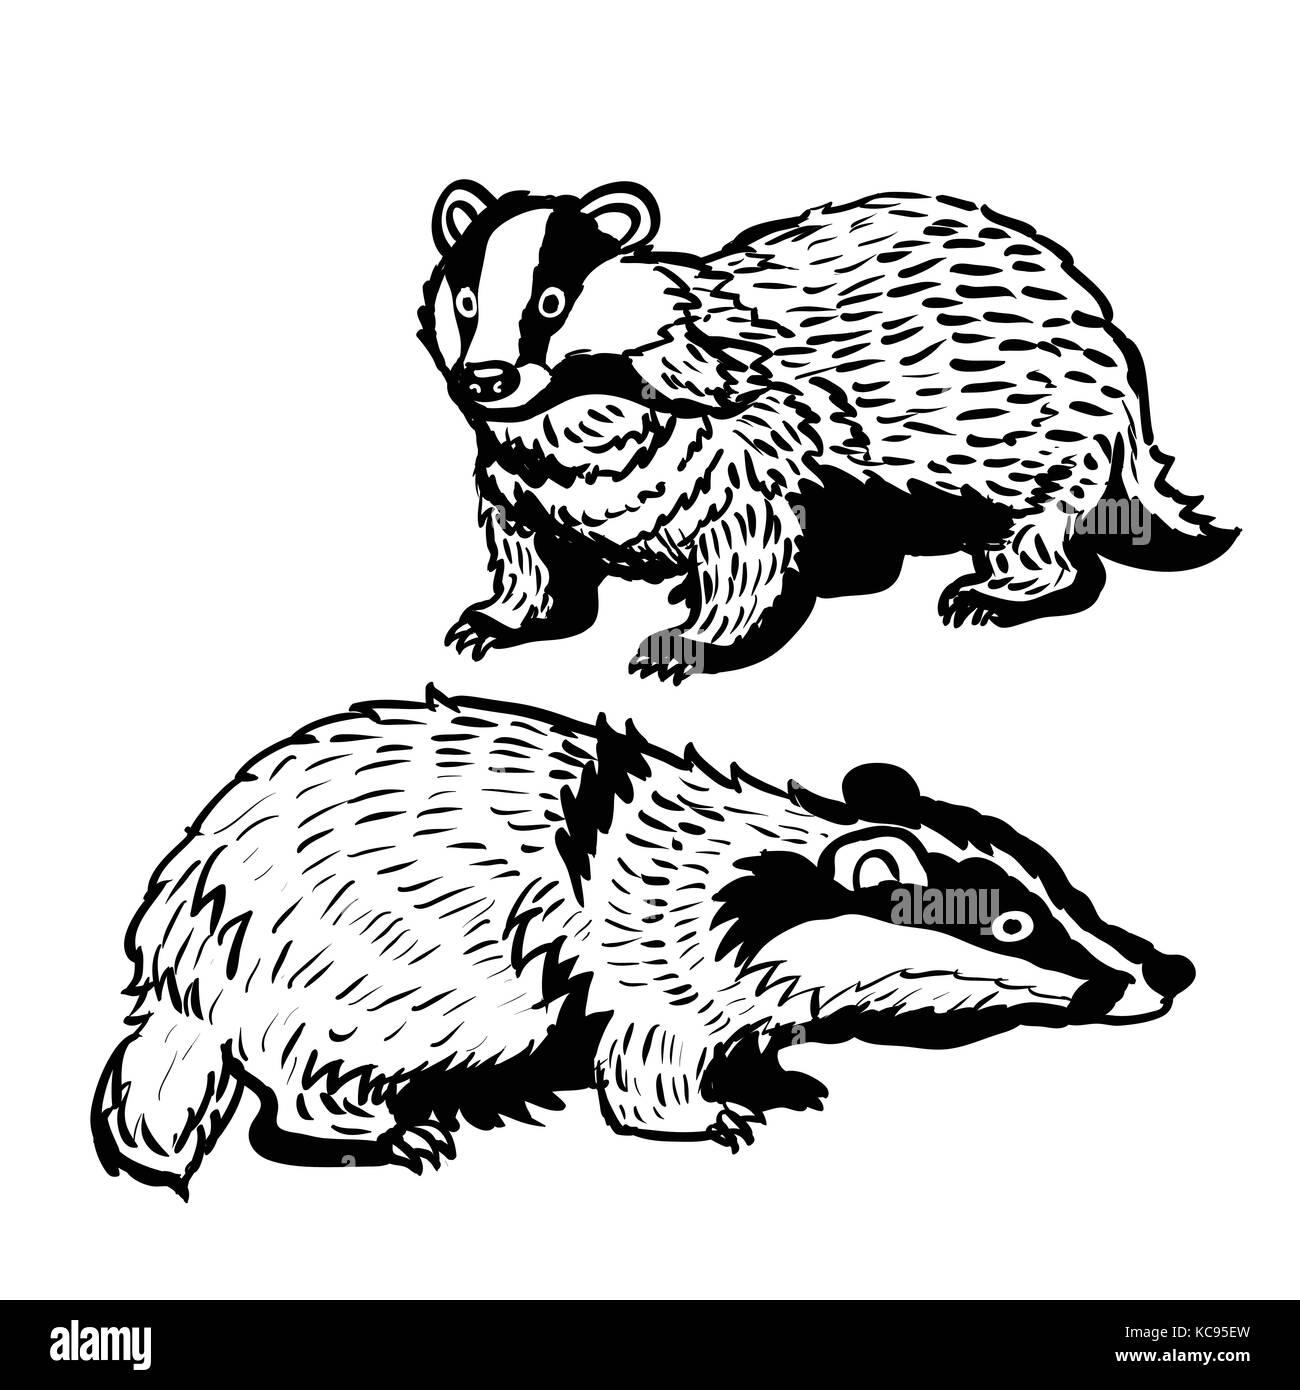 Zoo Animal Badger Imágenes De Stock & Zoo Animal Badger Fotos De ...